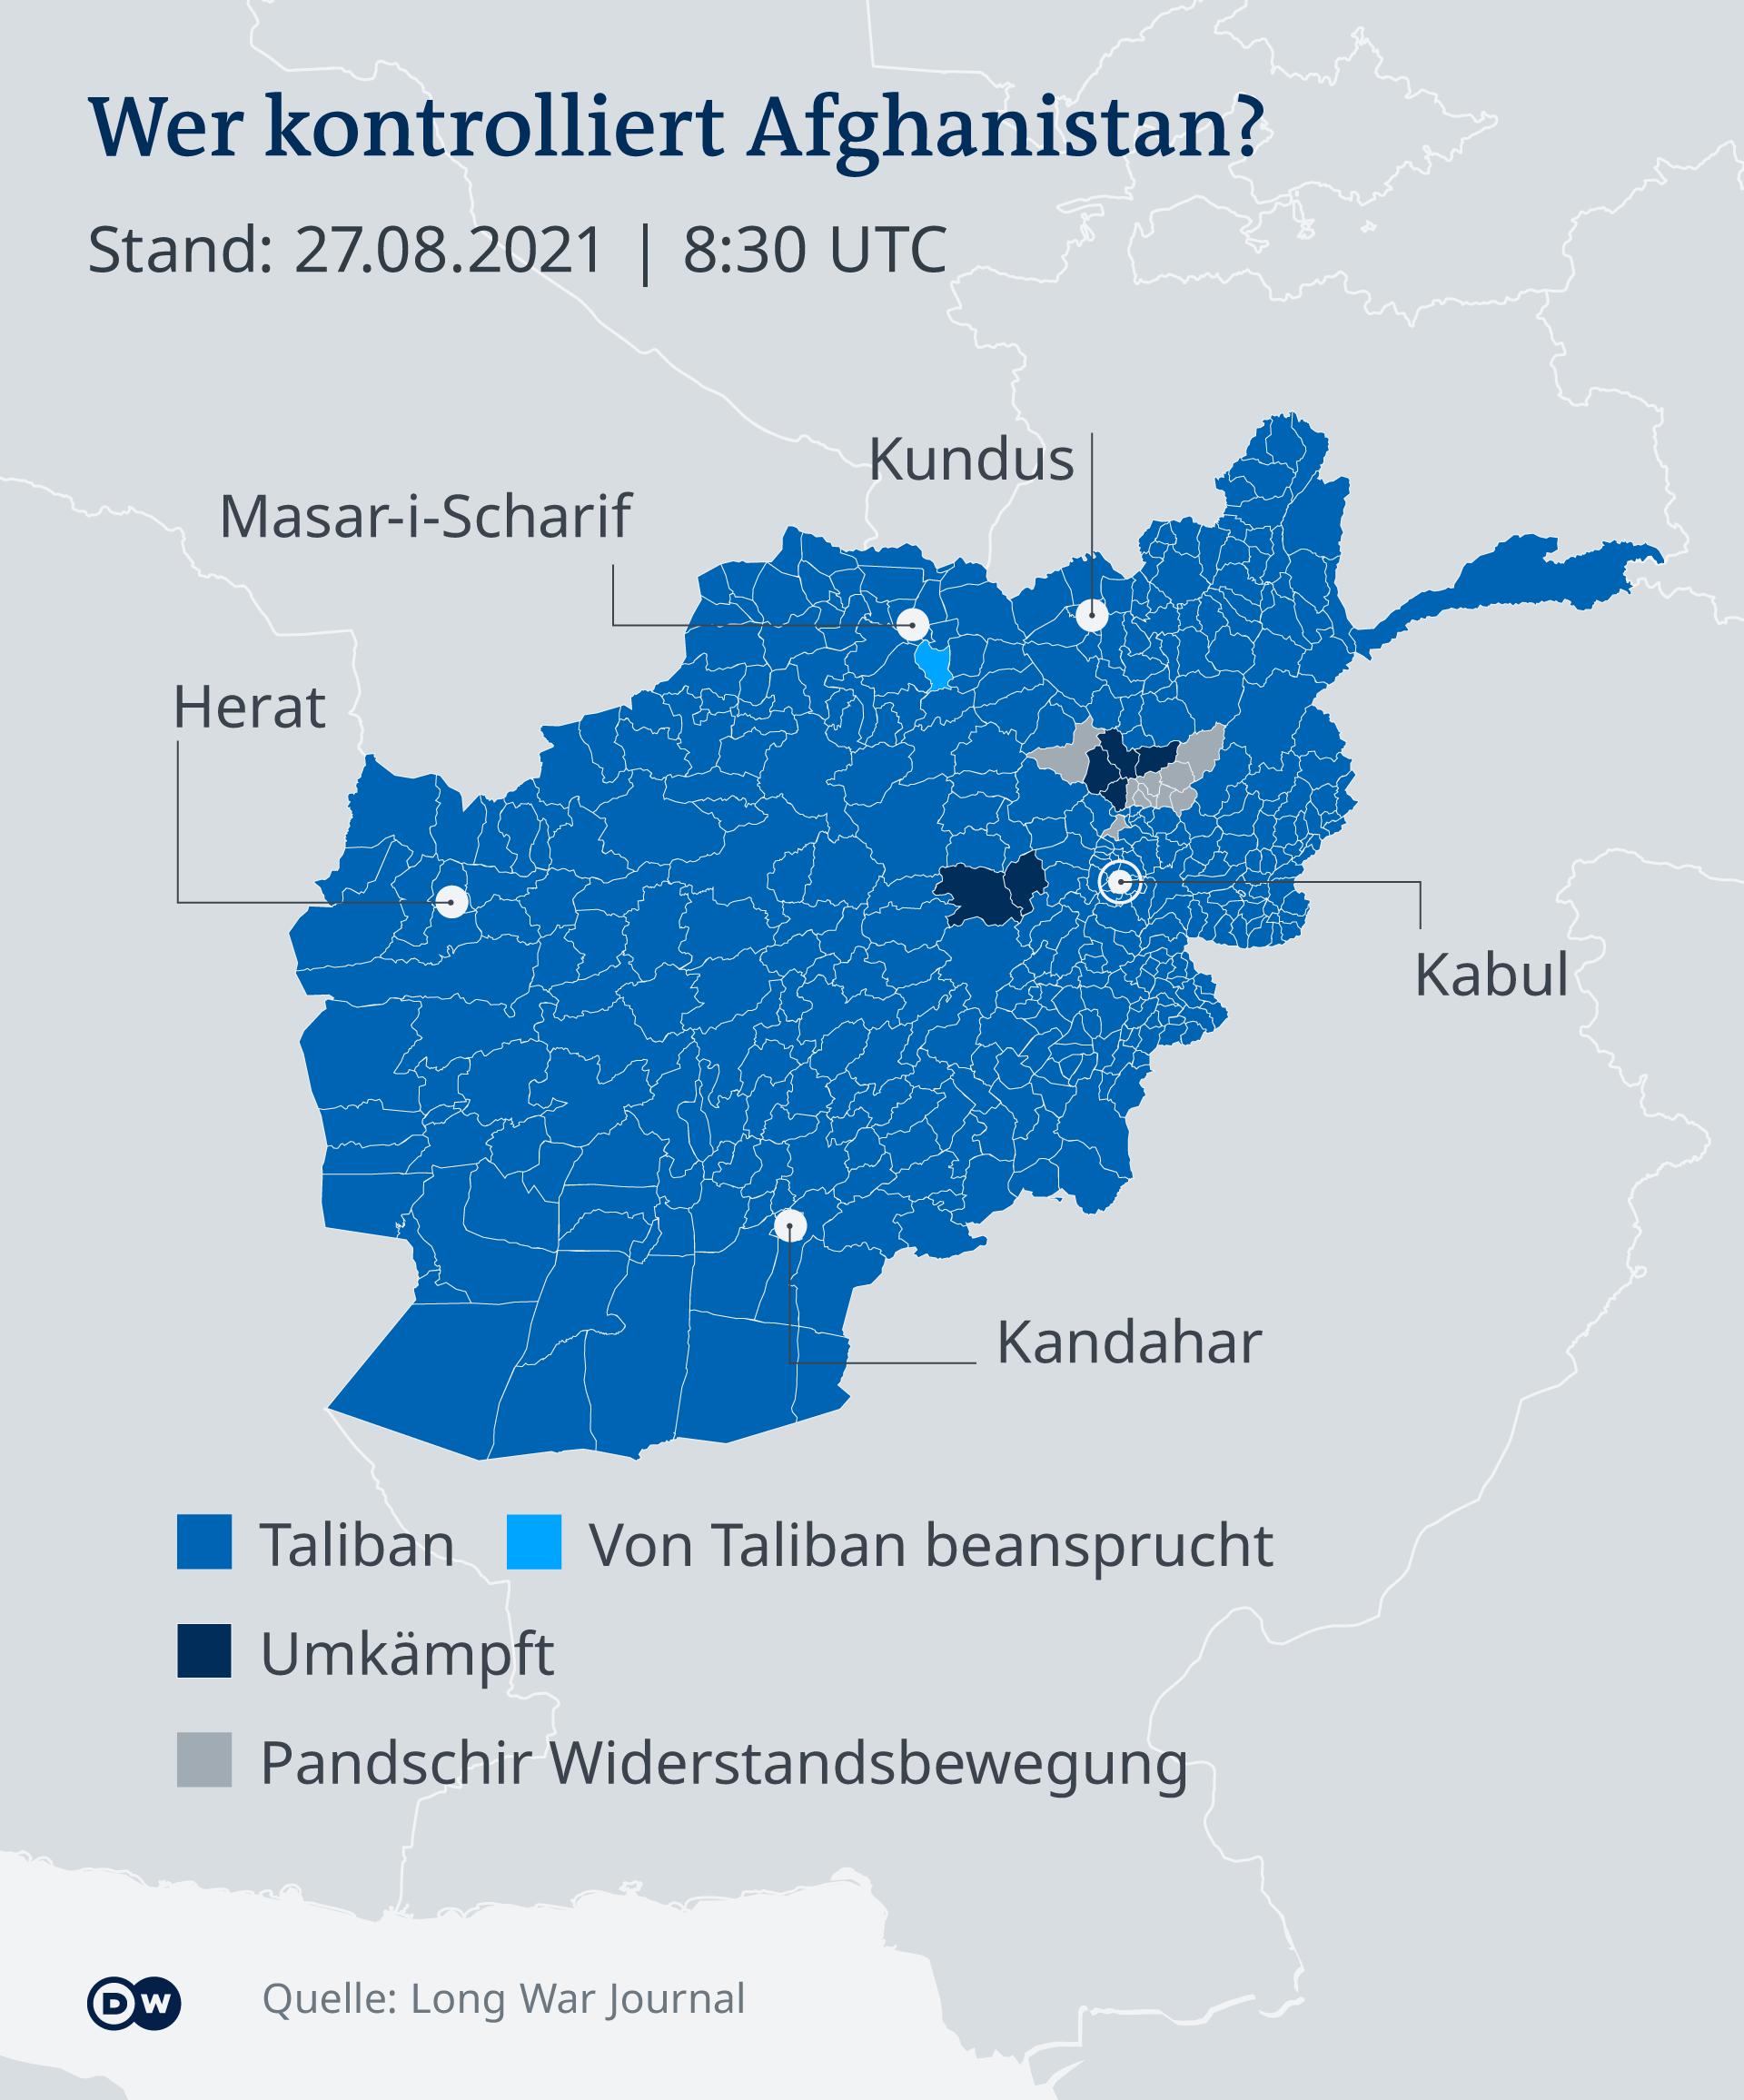 Infografik Wer kontrolliert Afghanistan 27.8.2021 DE